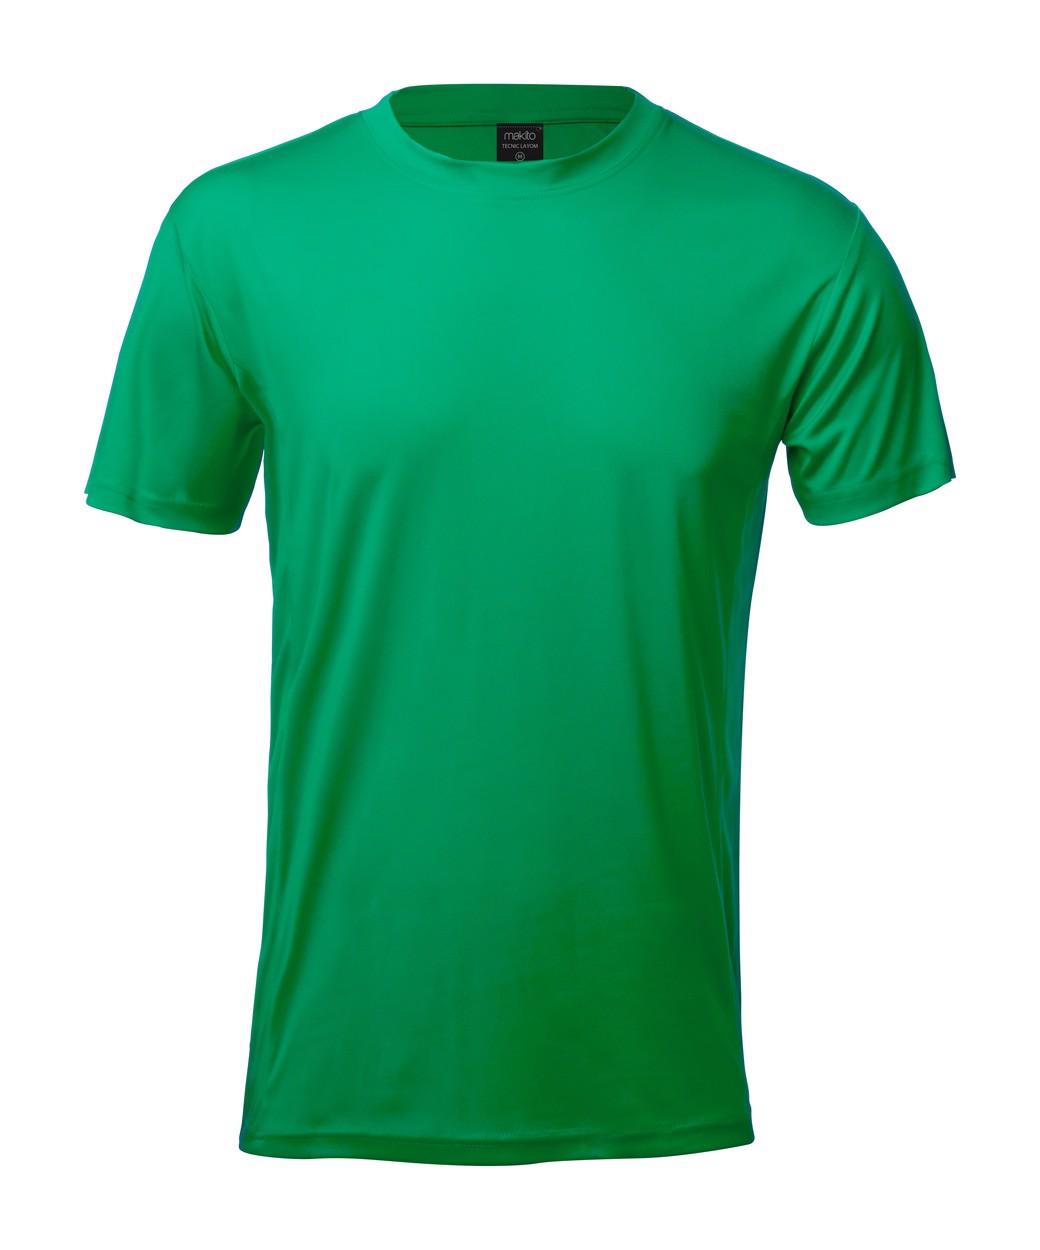 Sportovní Tričko Tecnic Layom - Zelená / S